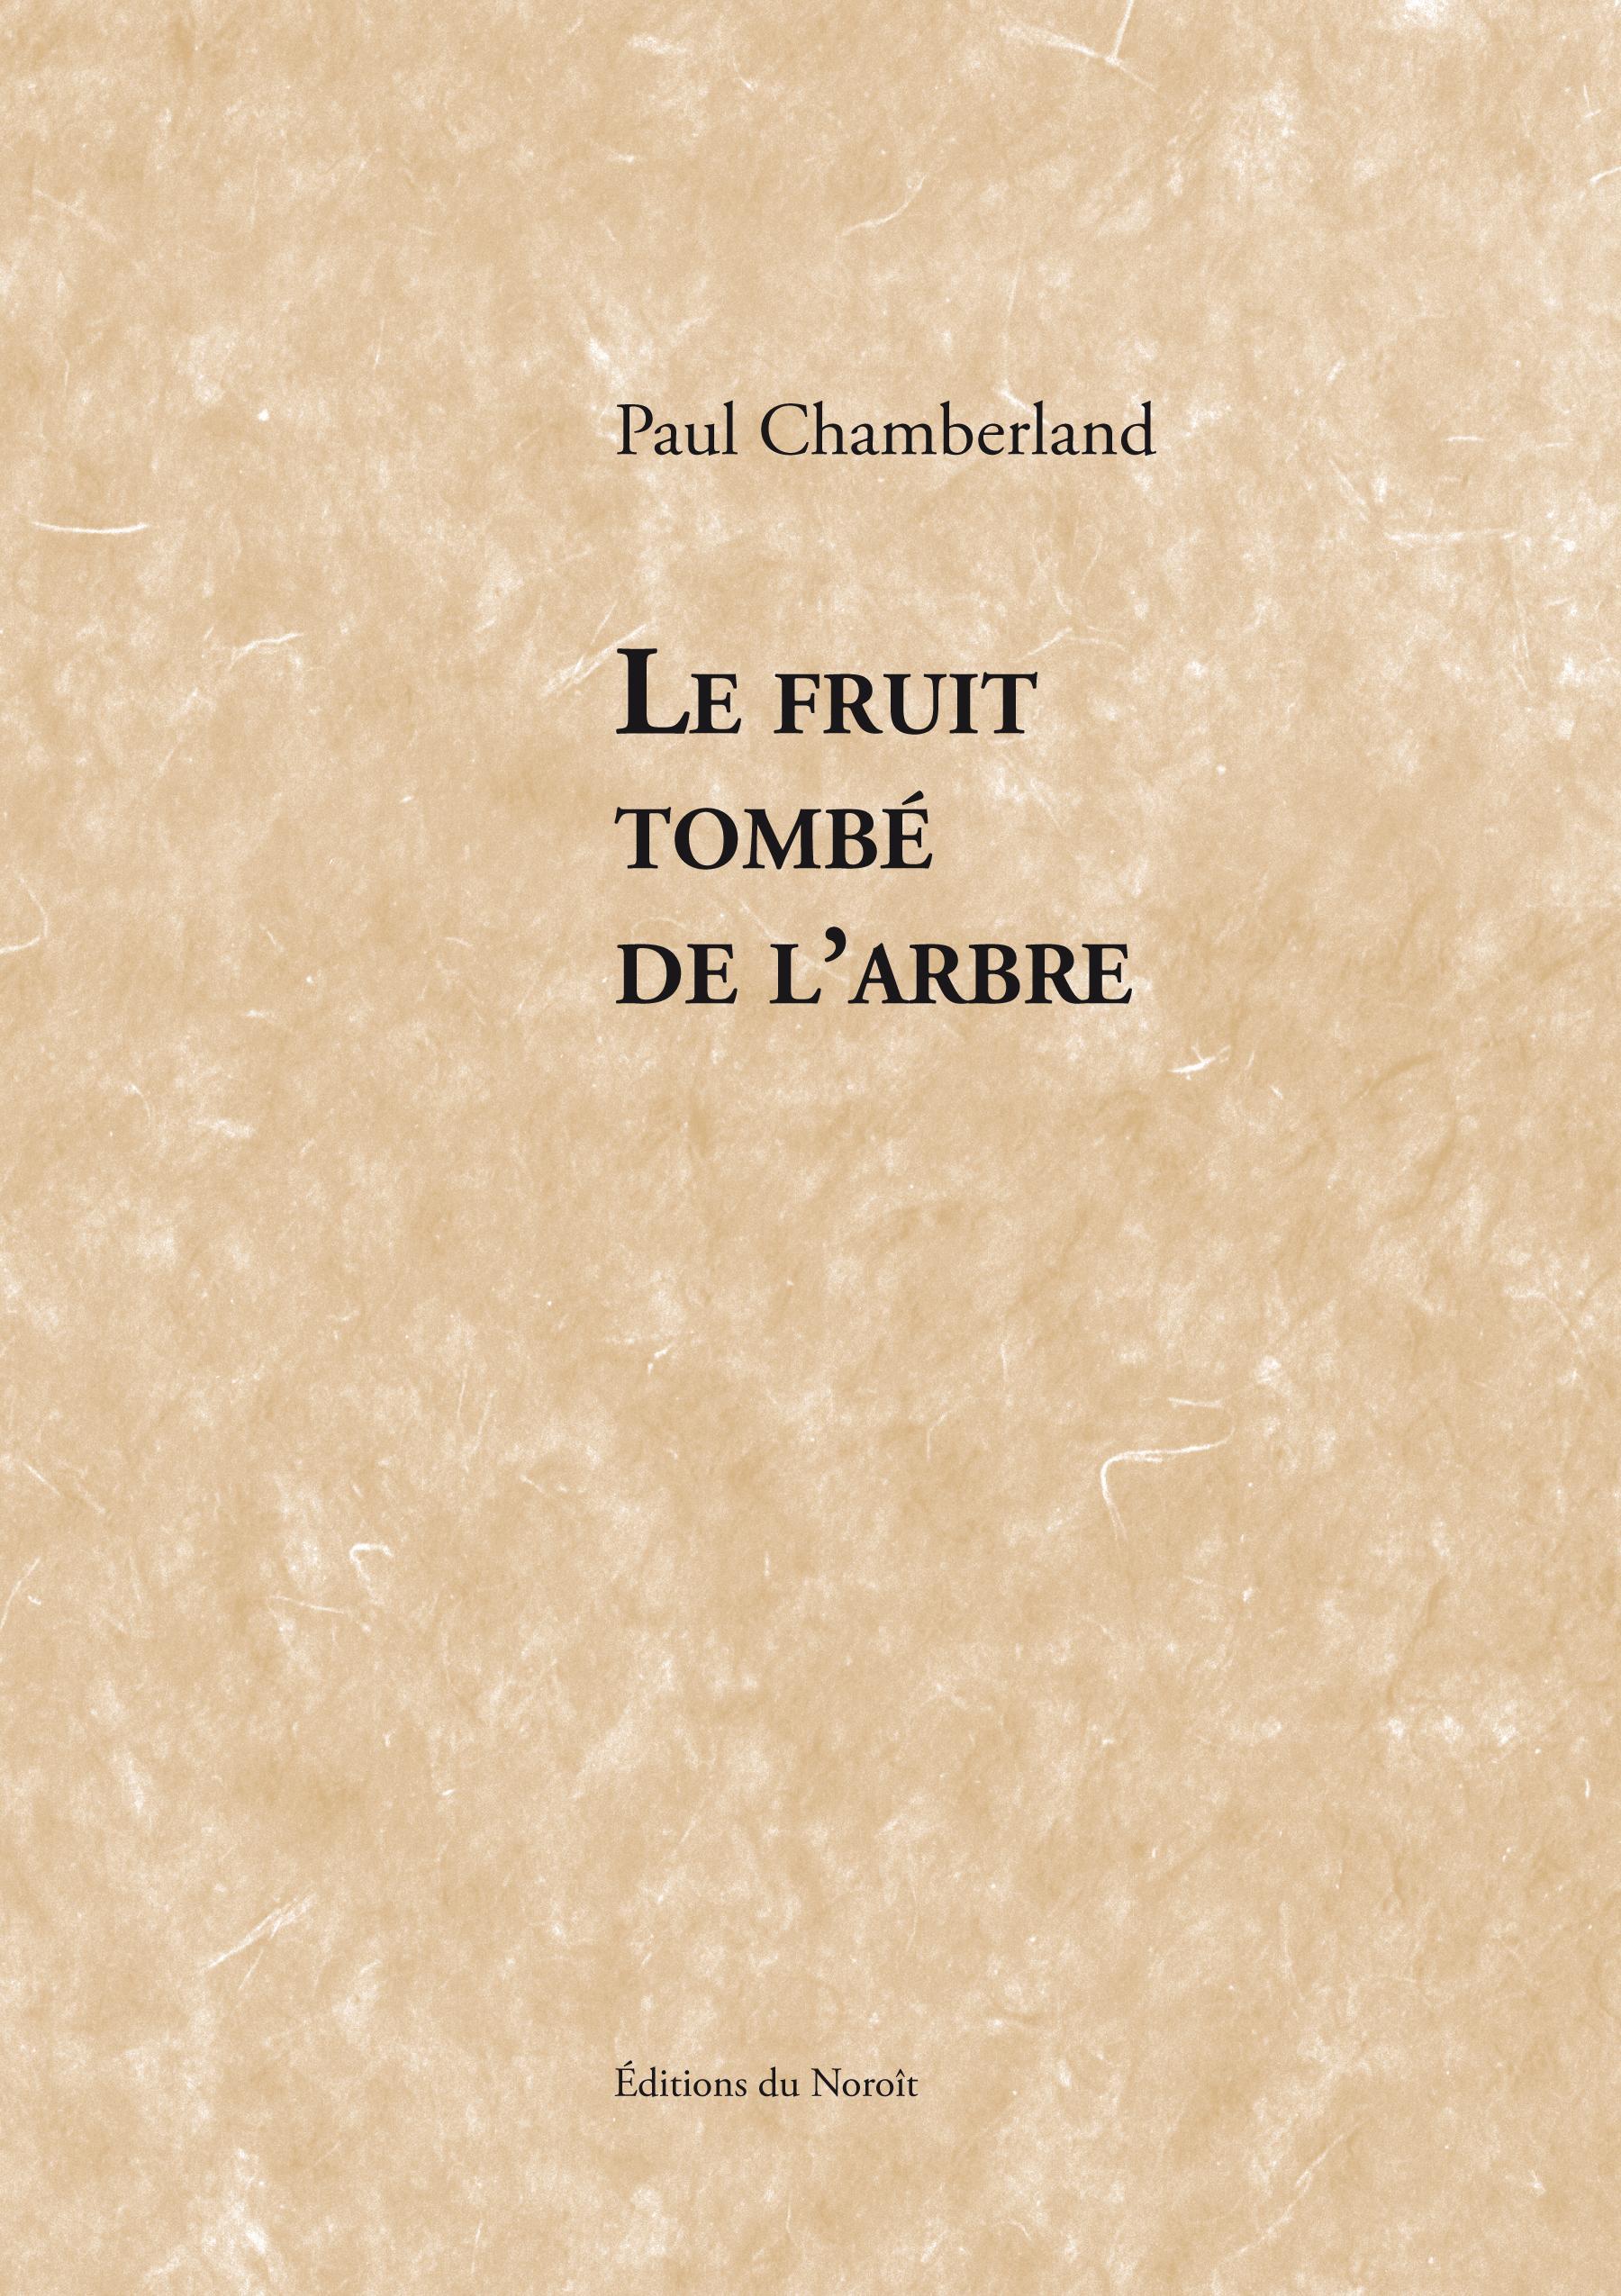 Le fruit tombé de l'arbre